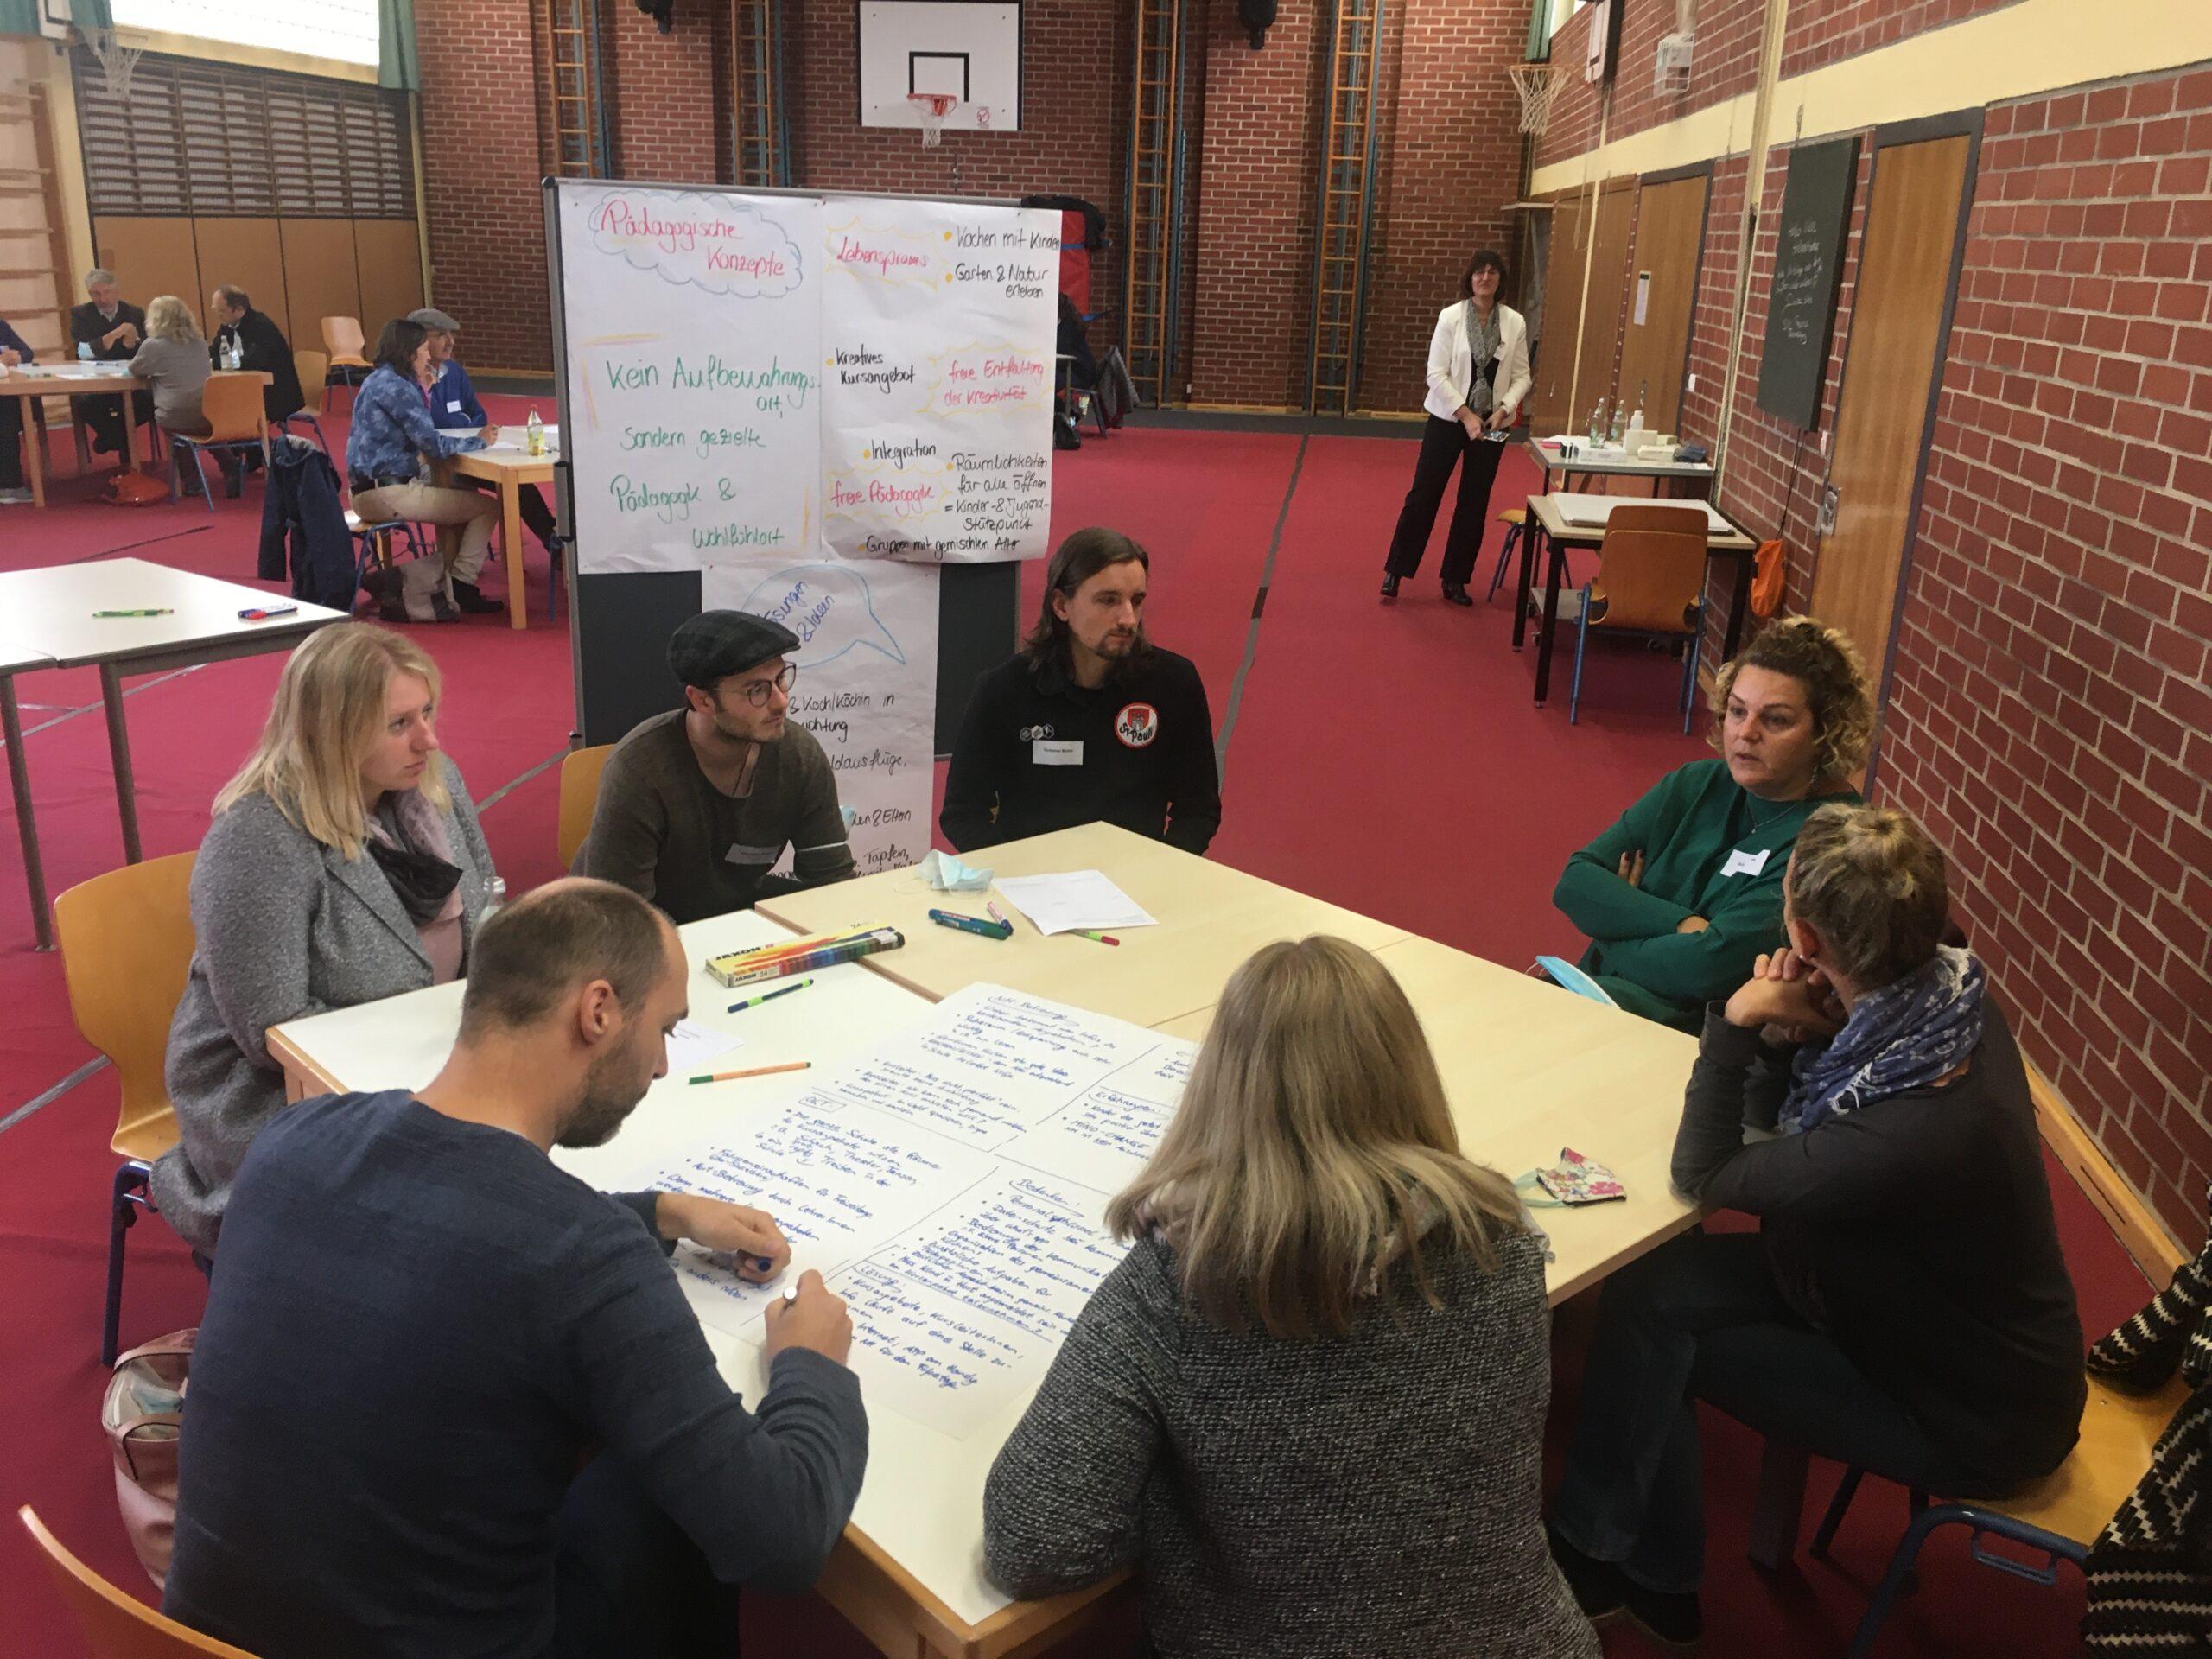 Diskussion der Bürgerinnenrats-Ergebnisse im Forum mit anderen Bürgerinnen